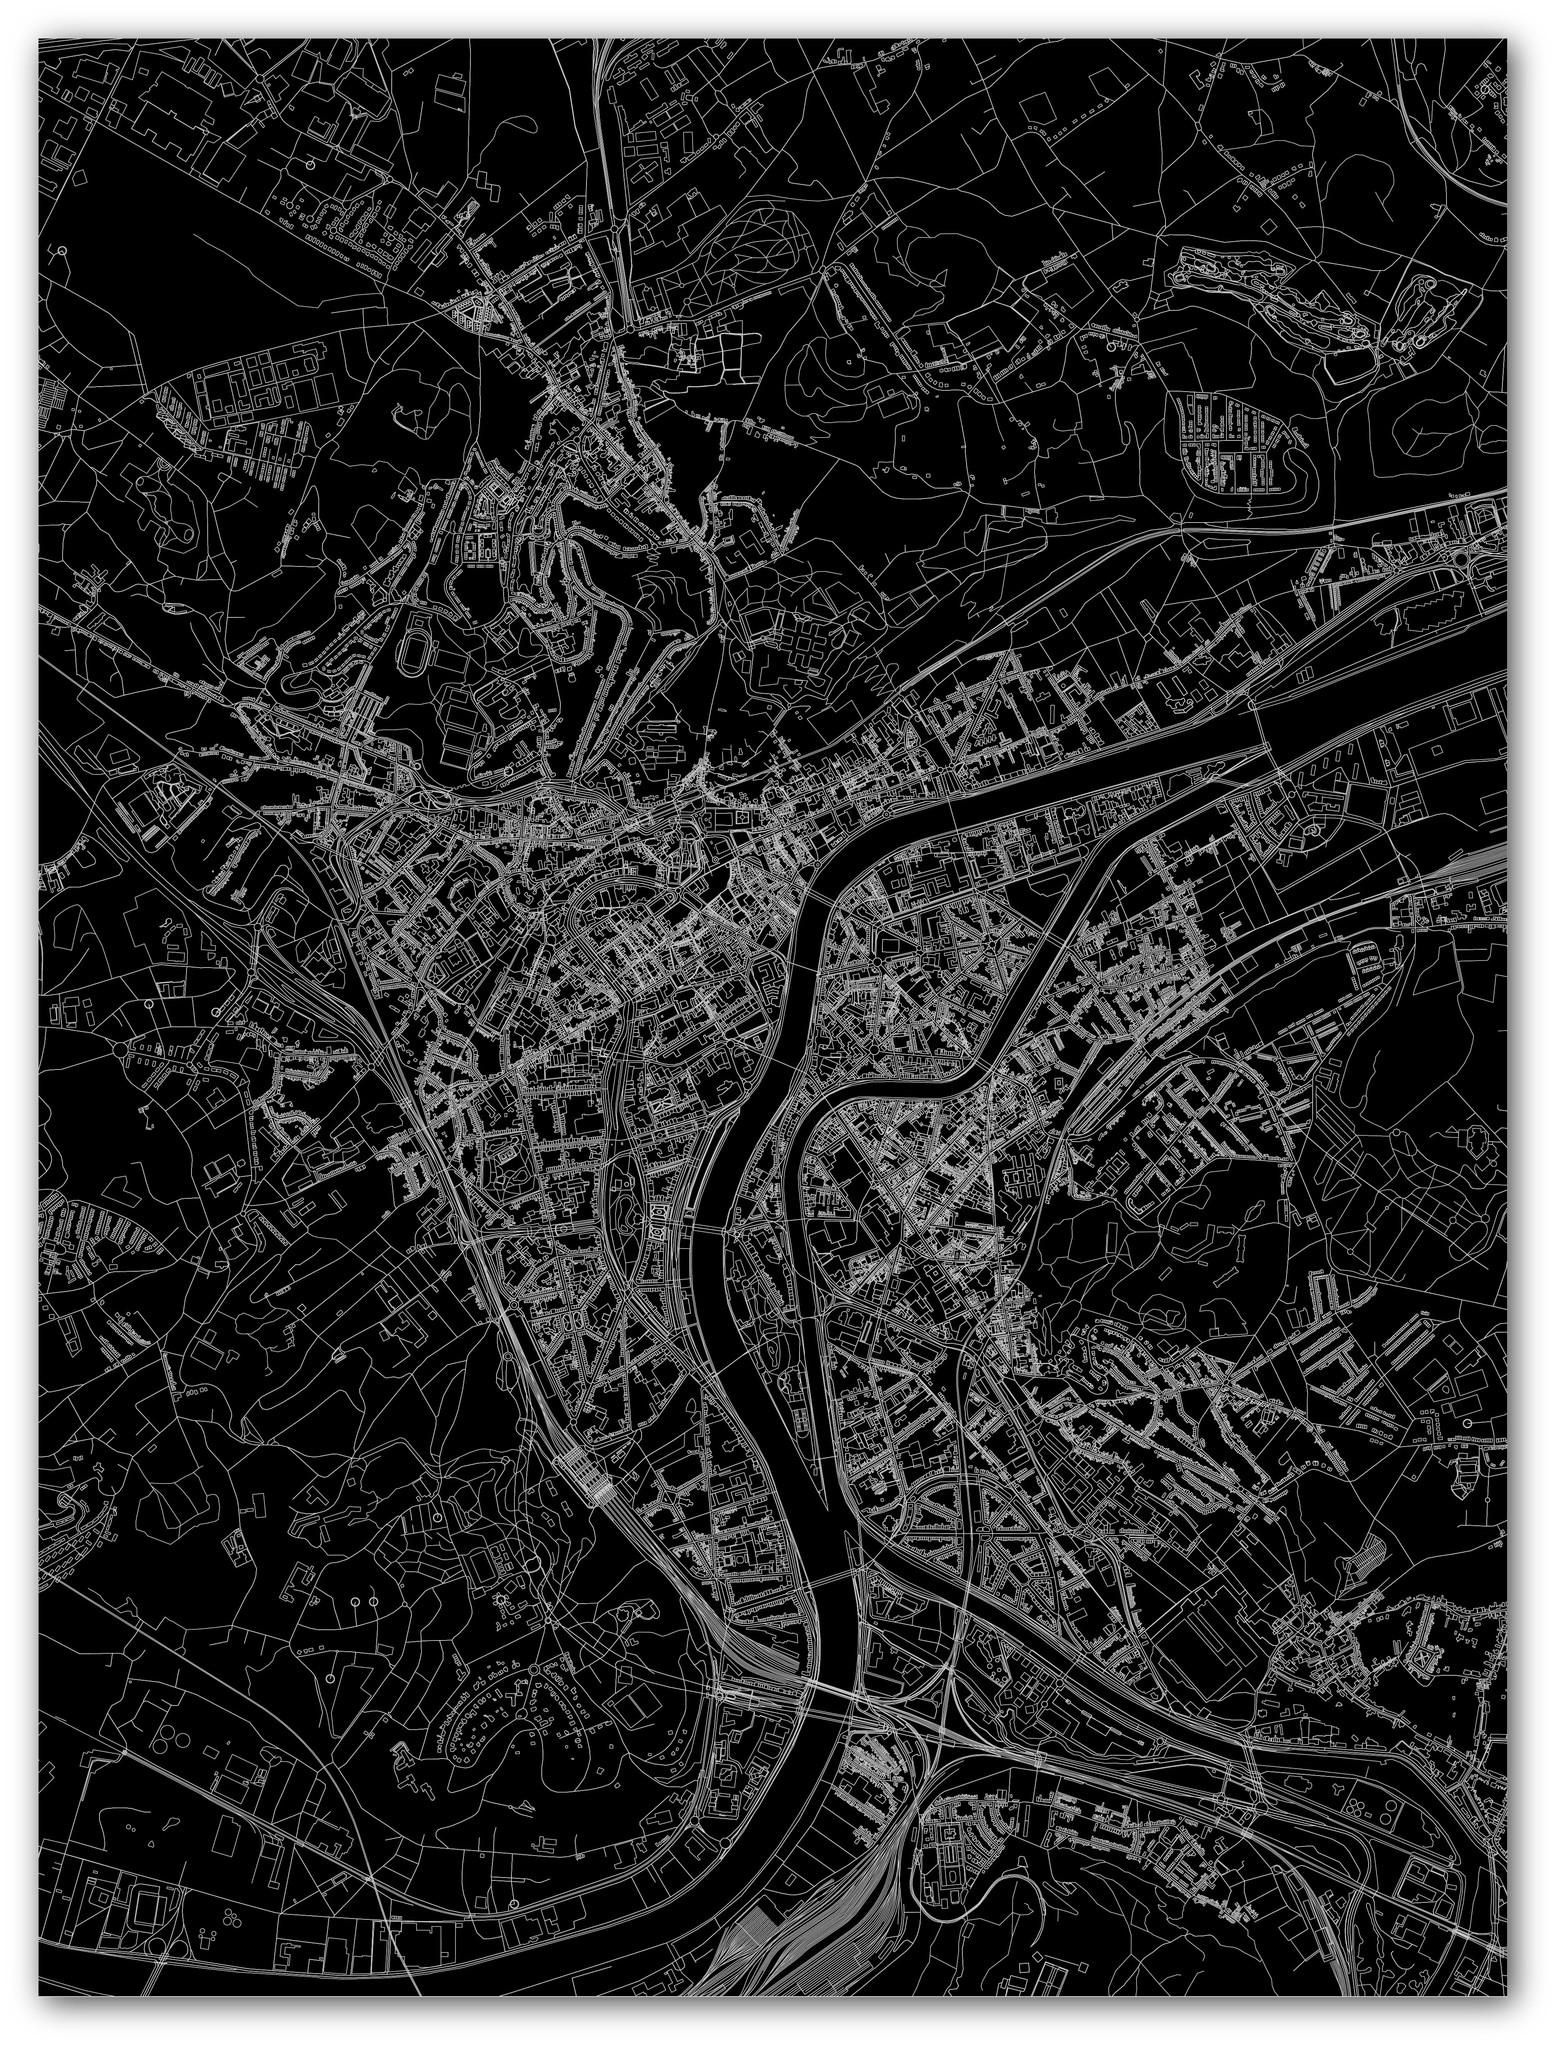 Citymap Liege | Aluminum wall decoration-3